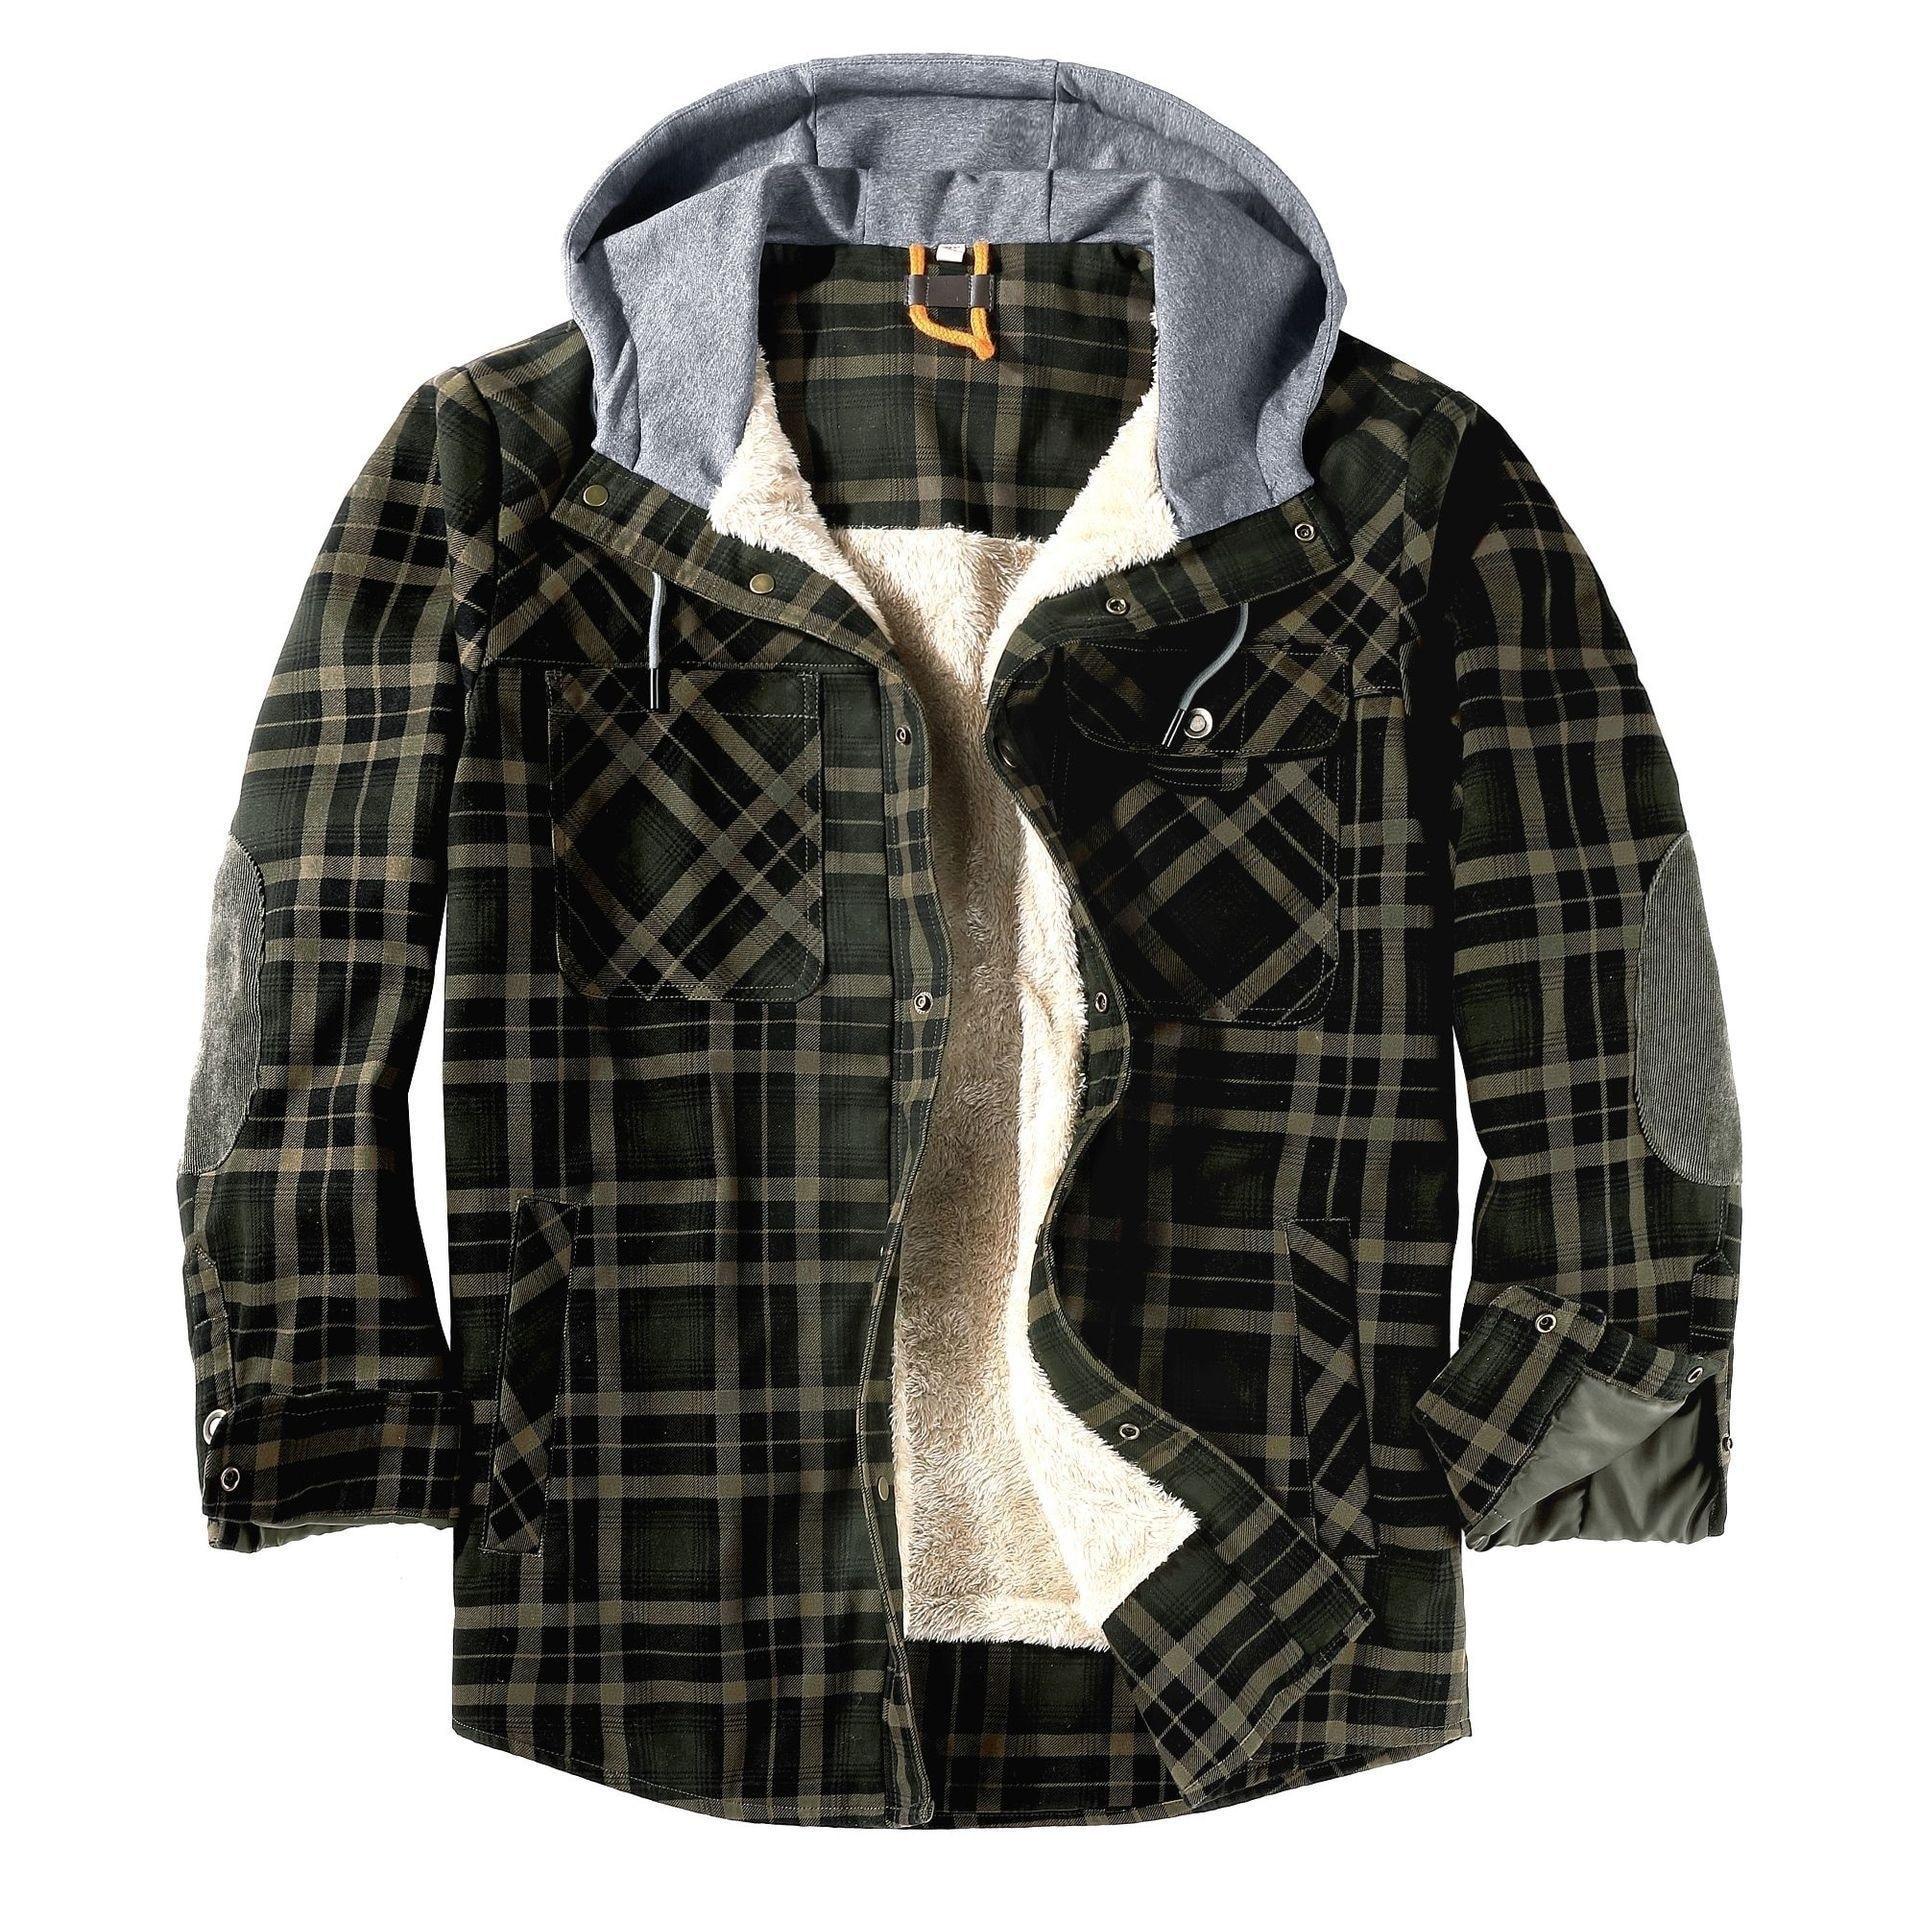 ماركة الشتاء منقوشة الفانيلا سترة قميص للرجال سميكة الدافئة طويلة الأكمام الصوف مقنعين قمصان القطن معاطف رجالي Camisa Masculina